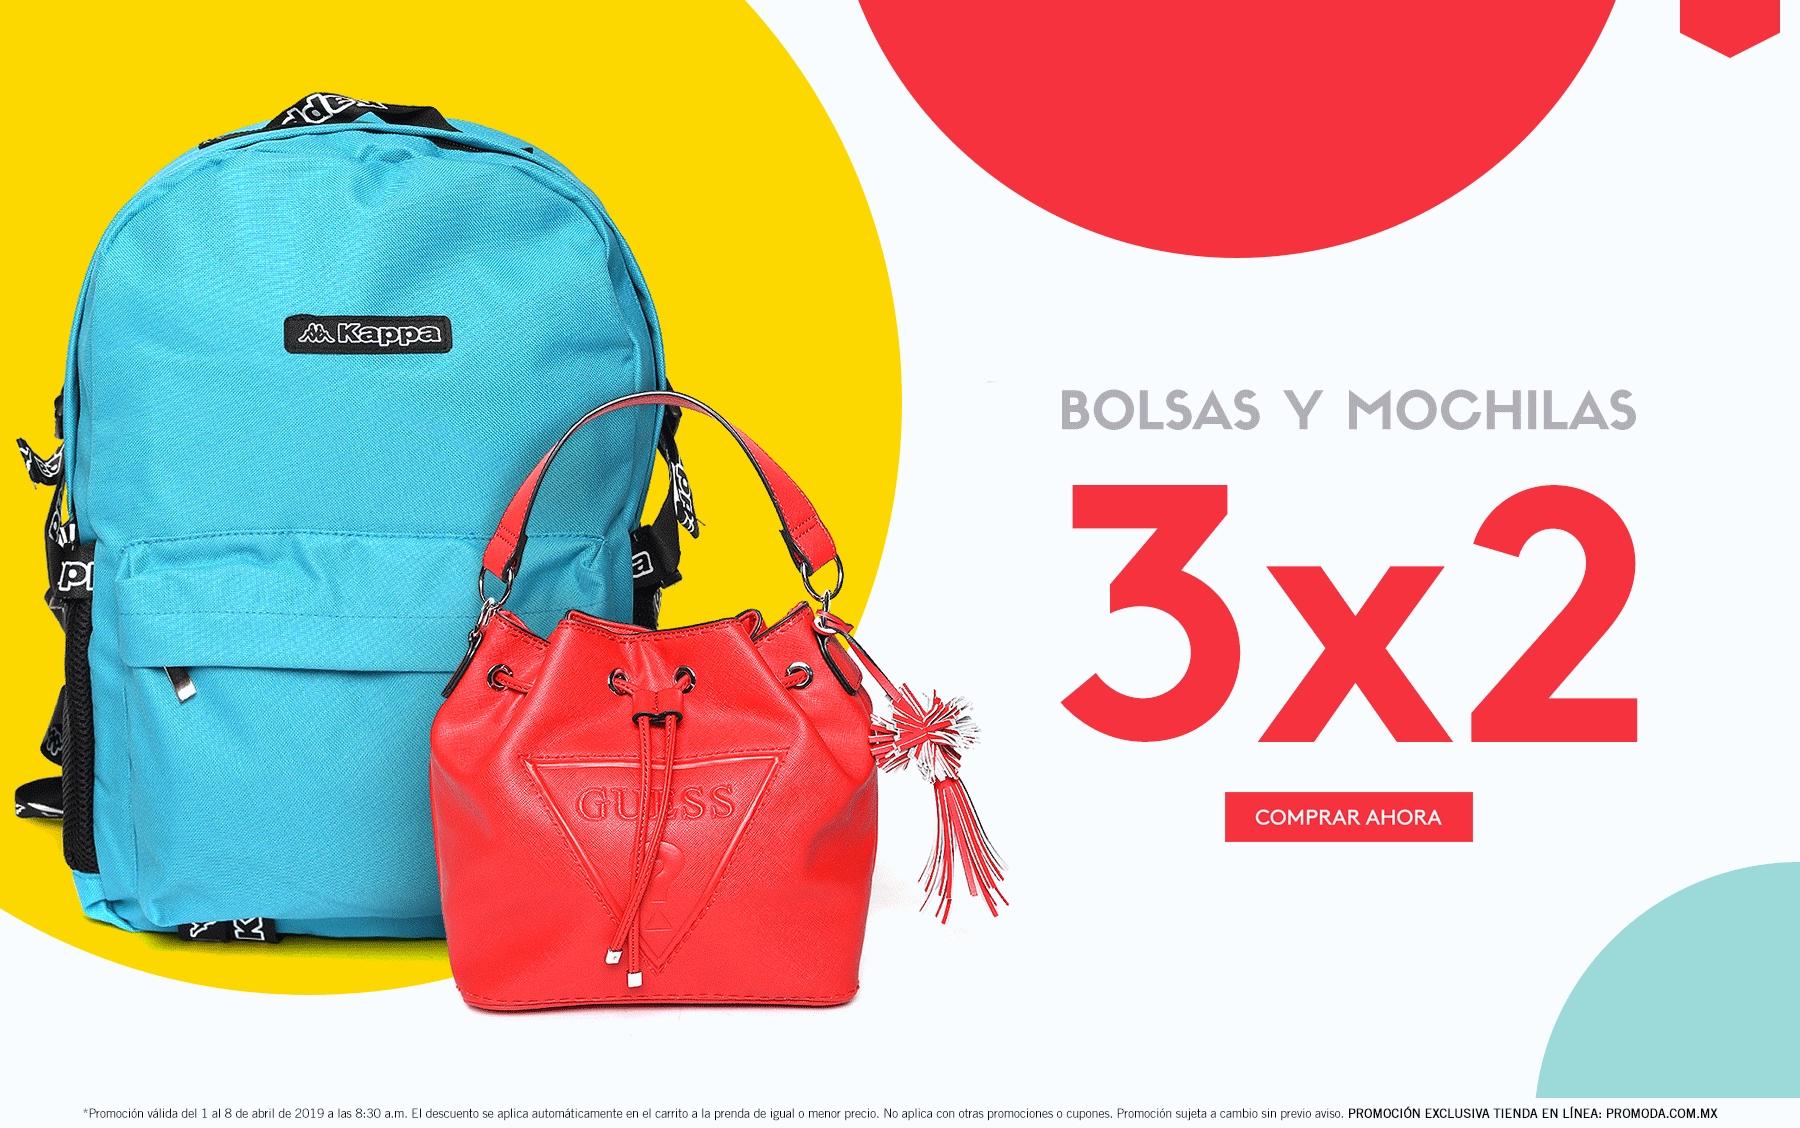 6c81f51c9 Promoda Outlet Online: 3 x 2 en bolsas y mochilas - promodescuentos.com